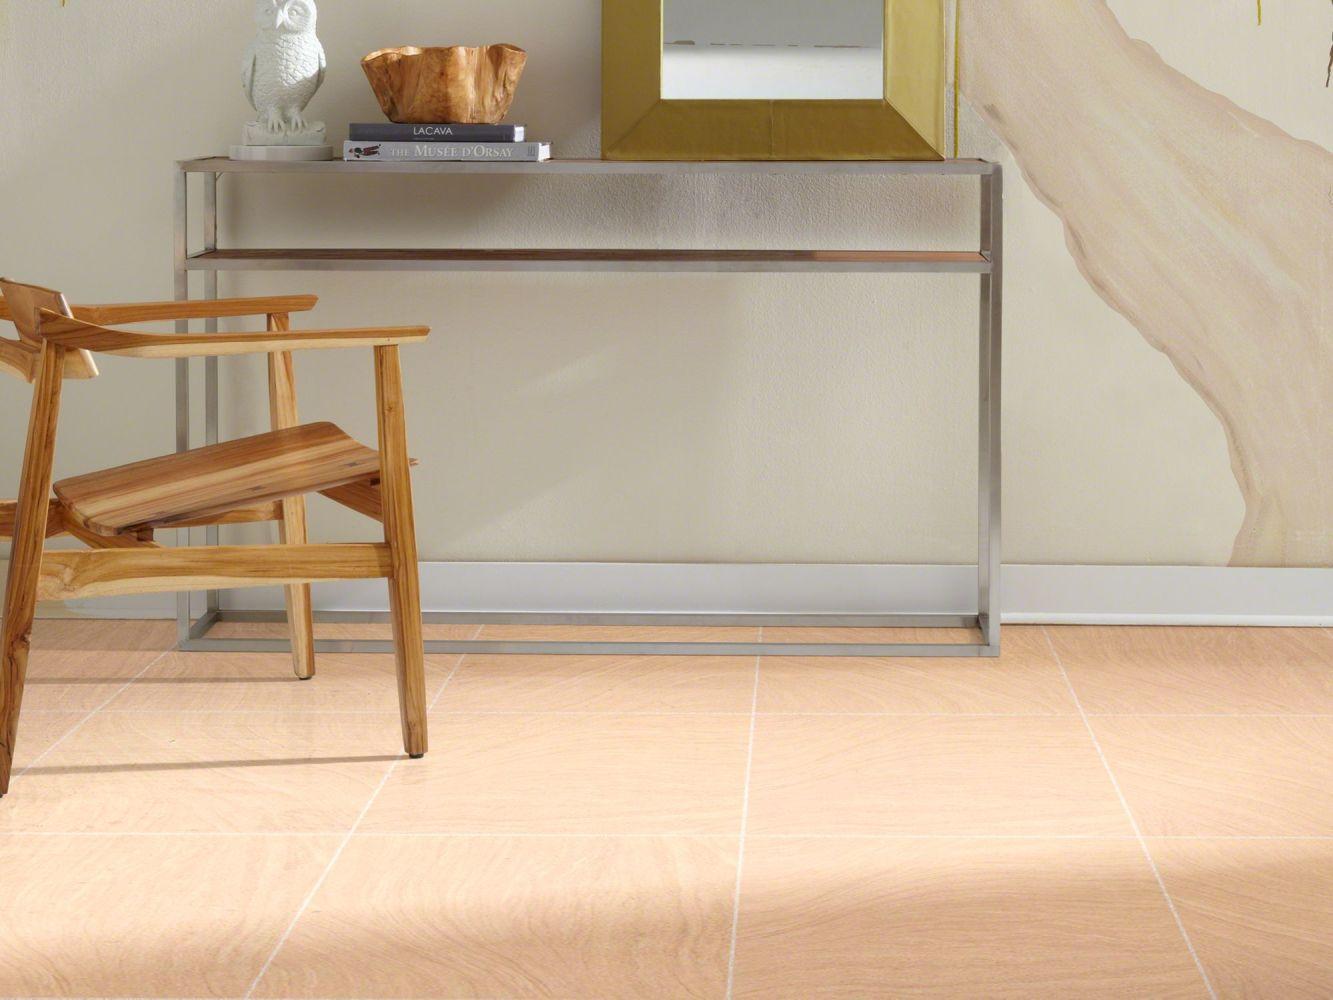 Shaw Floors Resilient Residential Renaissance Umber 00201_0331V